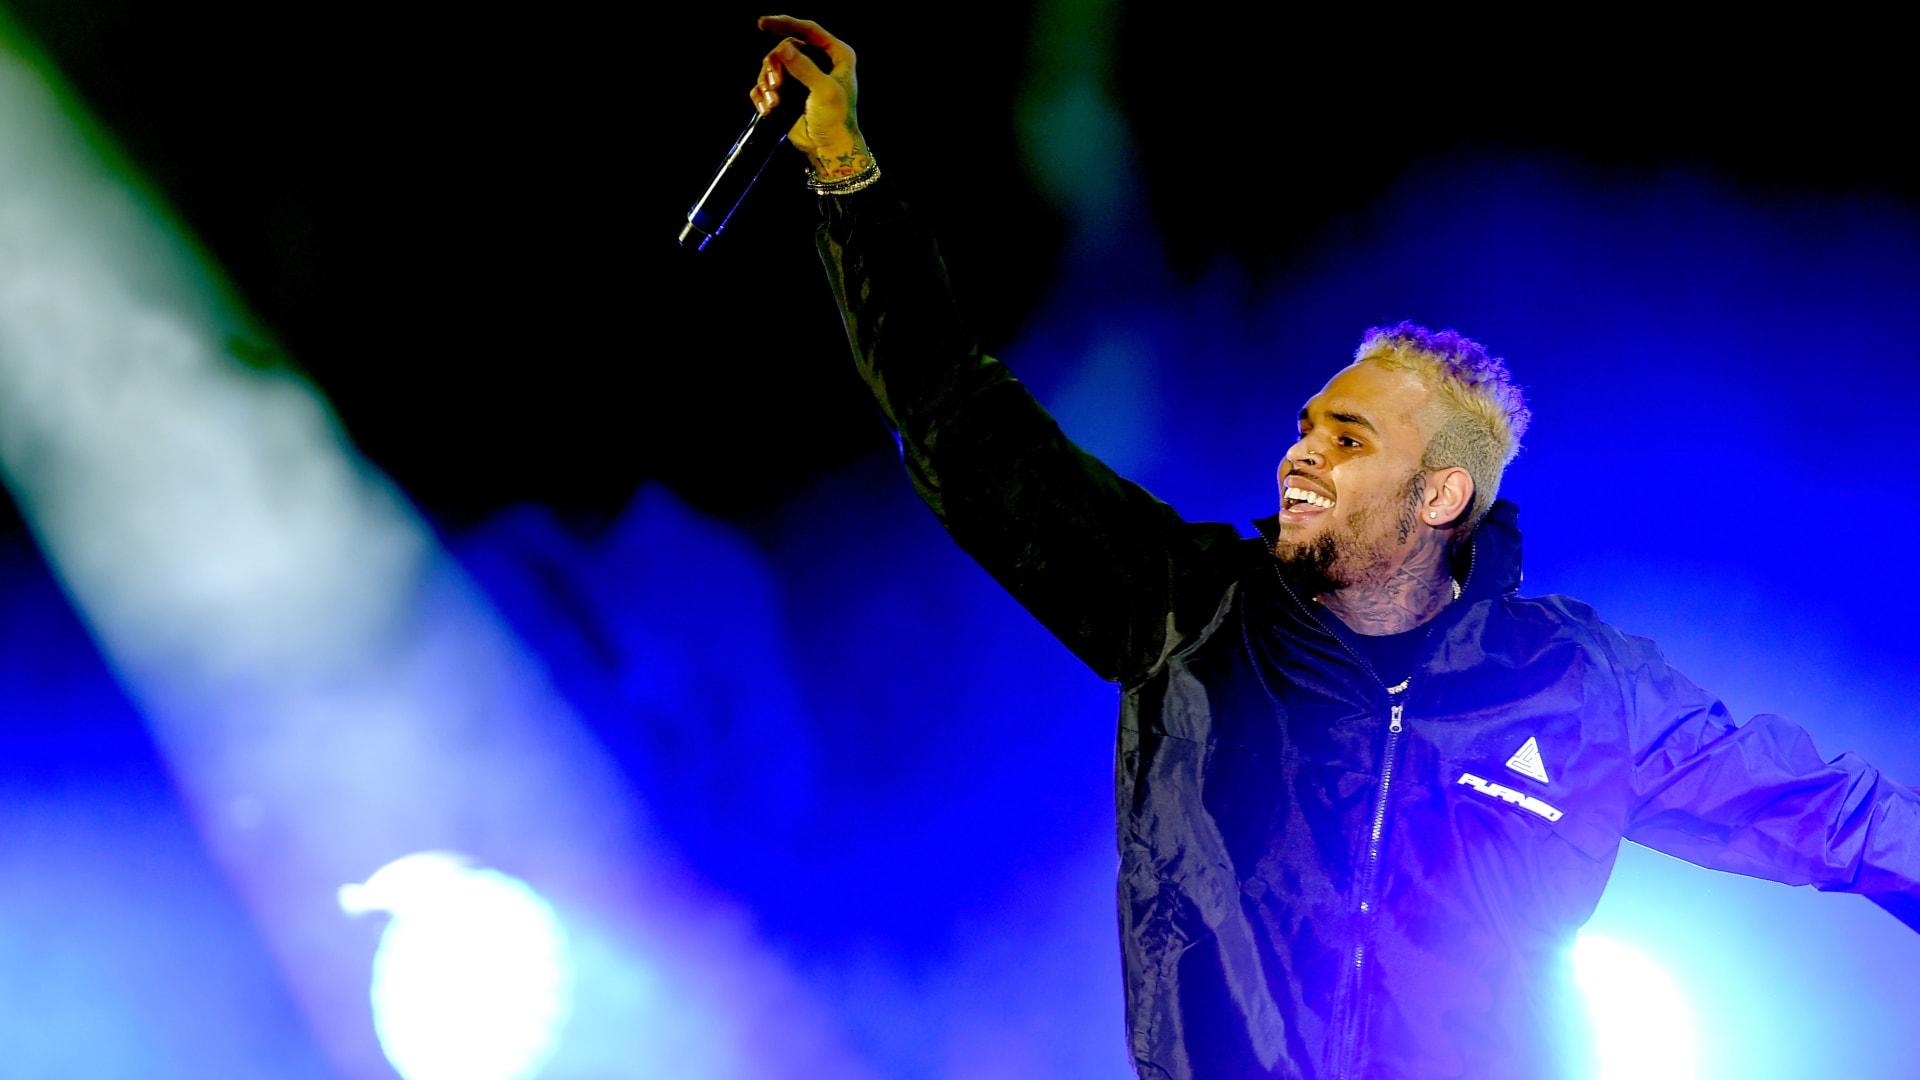 اتهم بالاغتصاب.. اعتقال المغني كريس براون في باريس